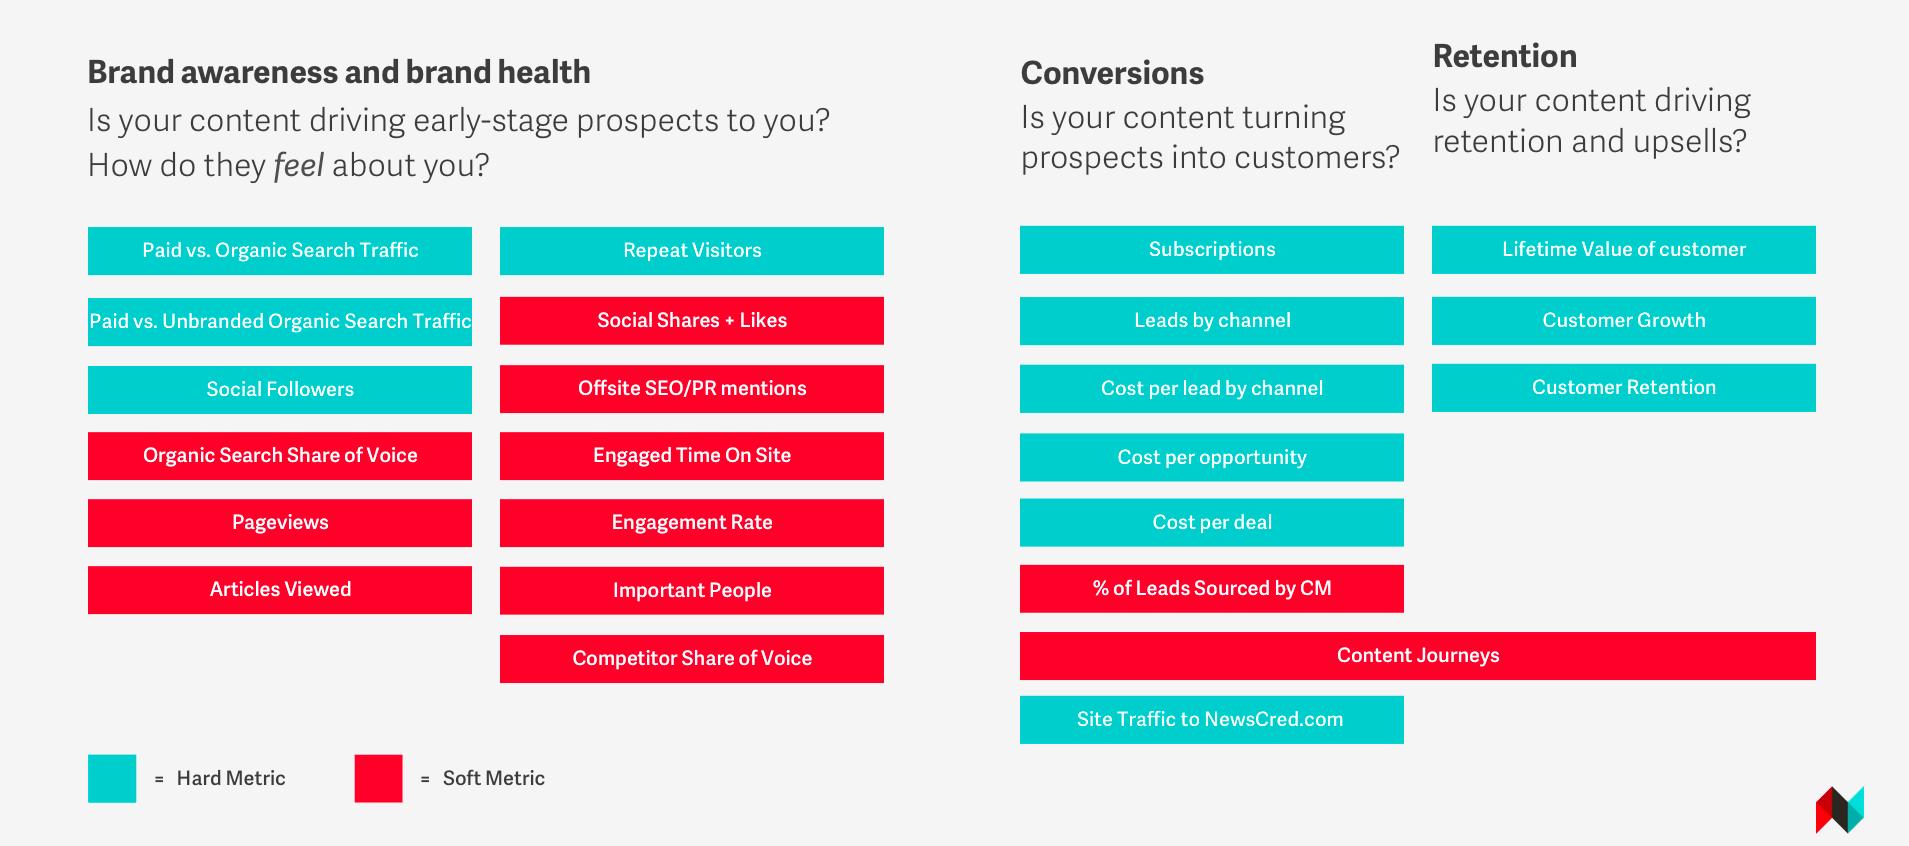 اهداف بازاریابی محتوایی- راهکارهای بازاریابی